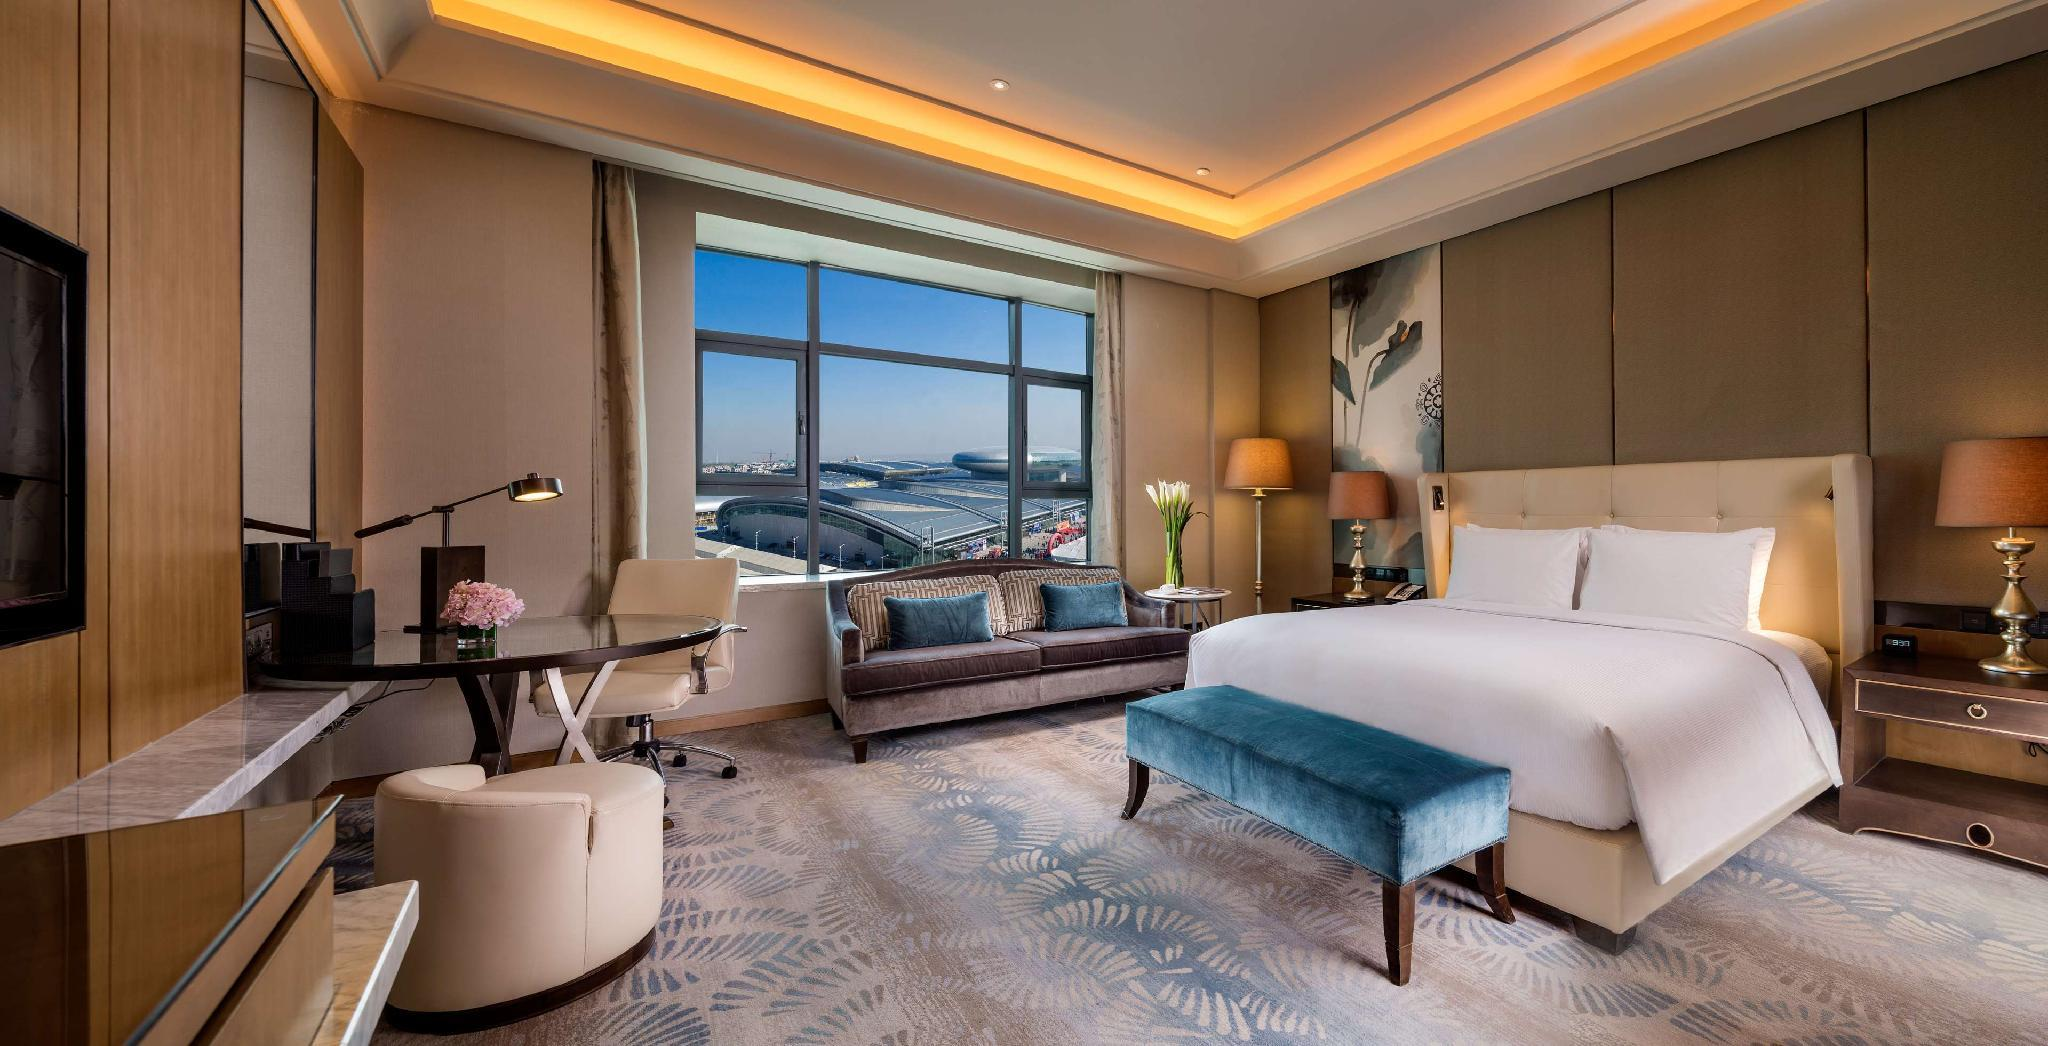 【中國】烏魯木齊希爾頓酒店 (Hilton Urumqi) | Agoda訂房優惠